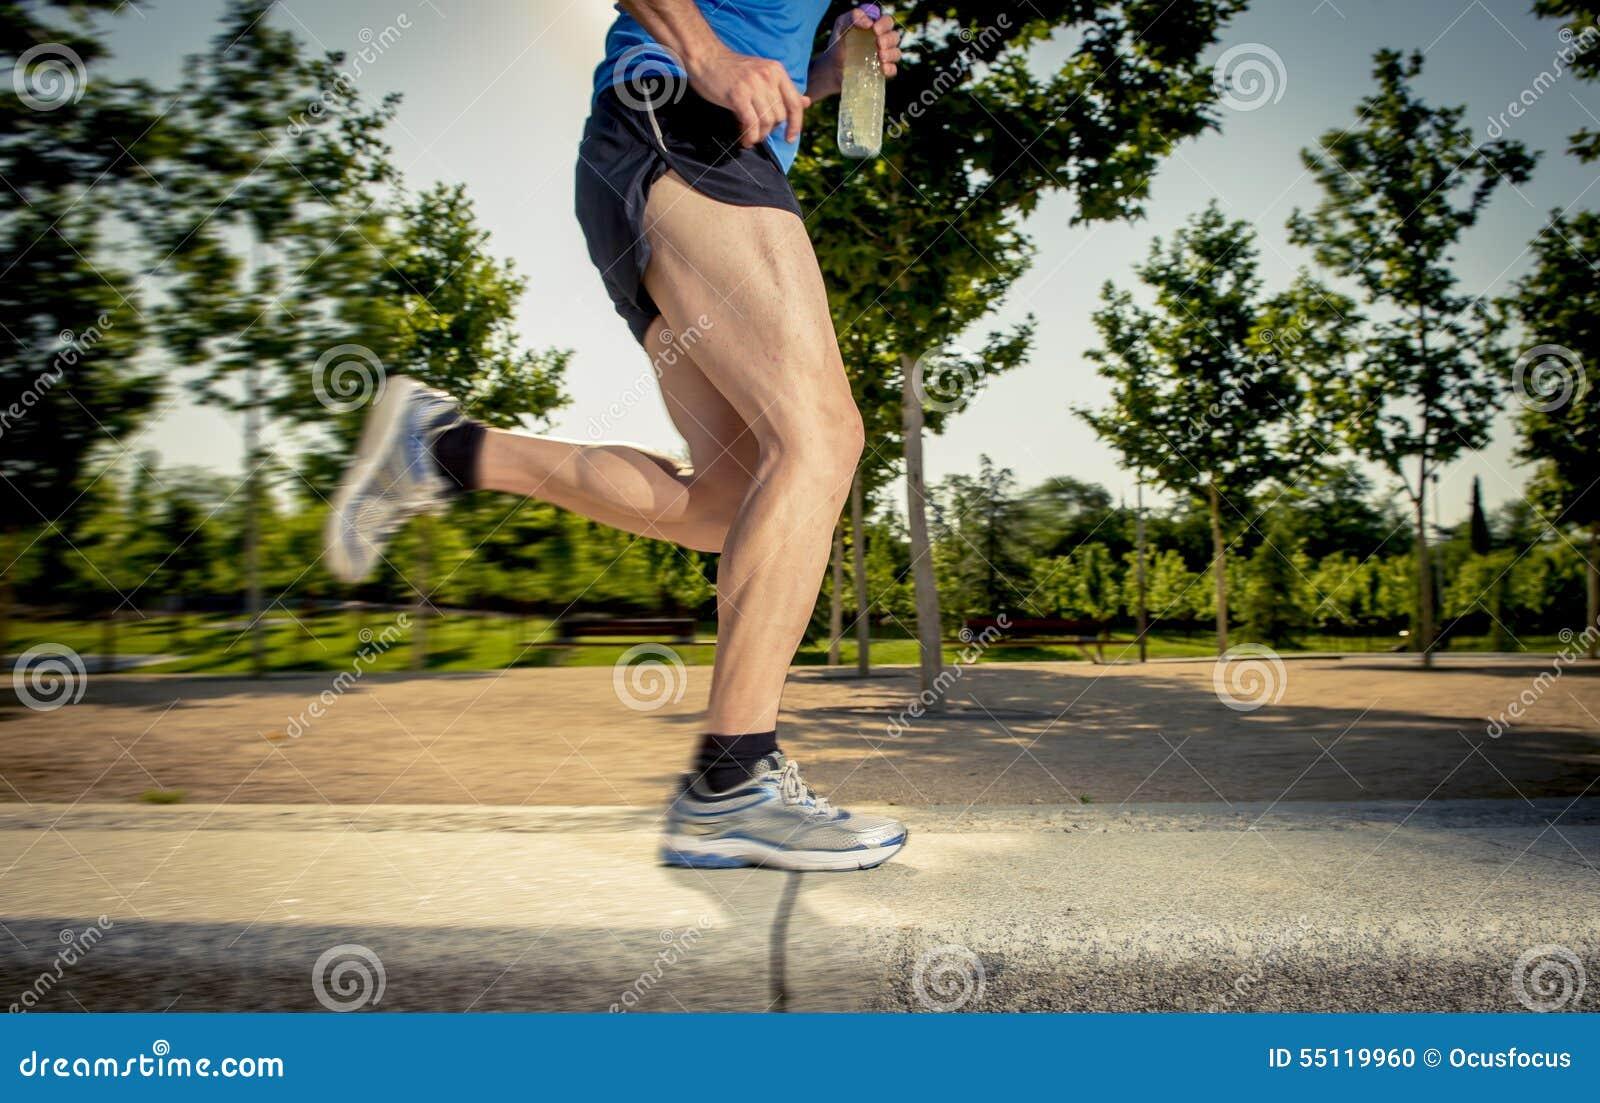 Fermez-vous vers le haut des jambes sportives du jeune homme fonctionnant en parc de ville avec des arbres sur le mode de vie sai